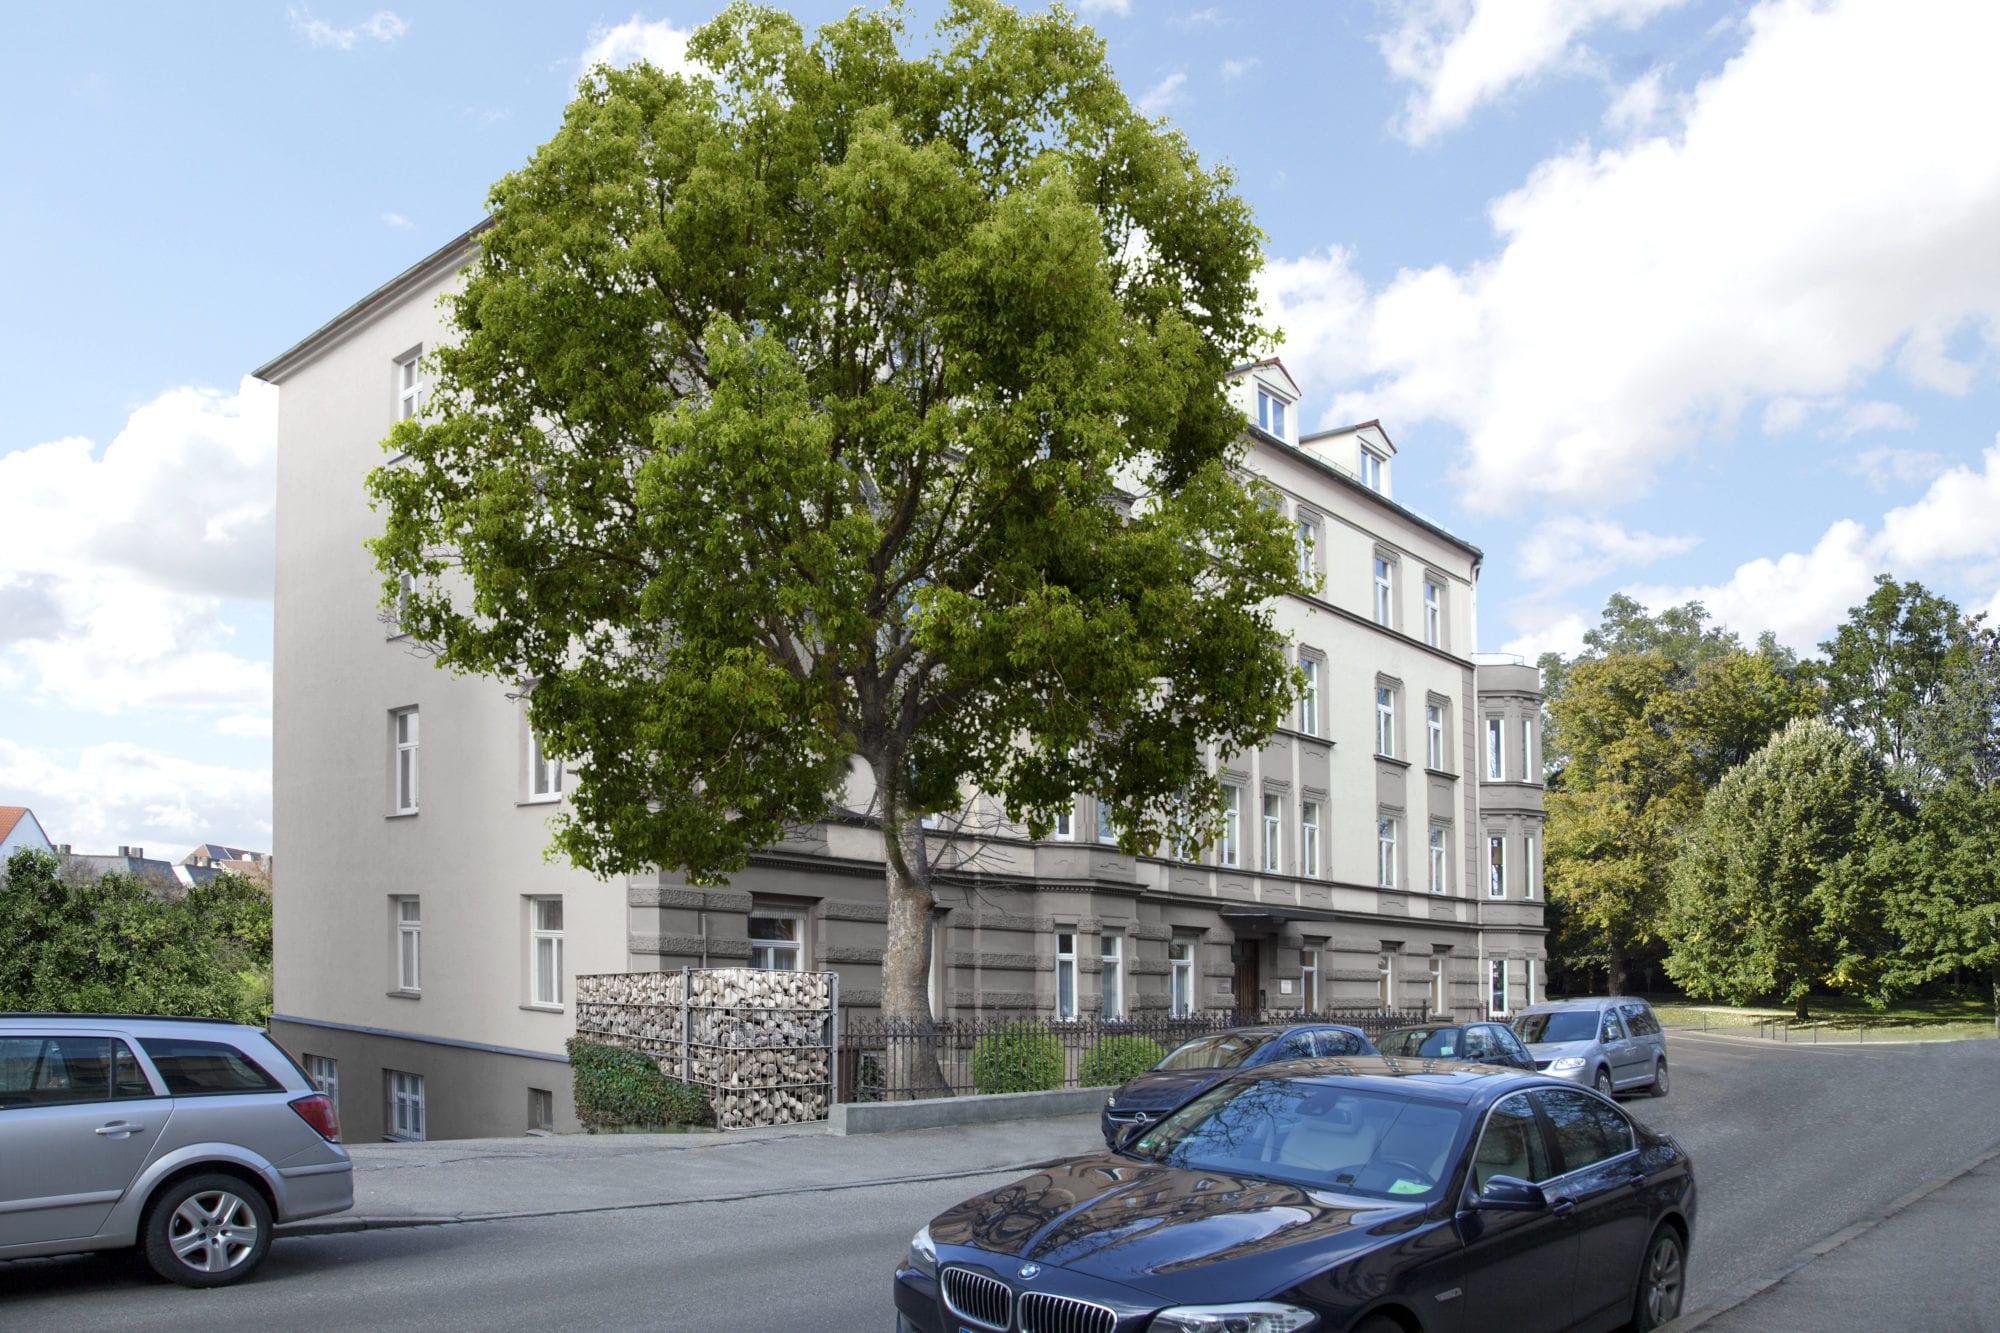 Avanza_Nibelungen-Palais_2